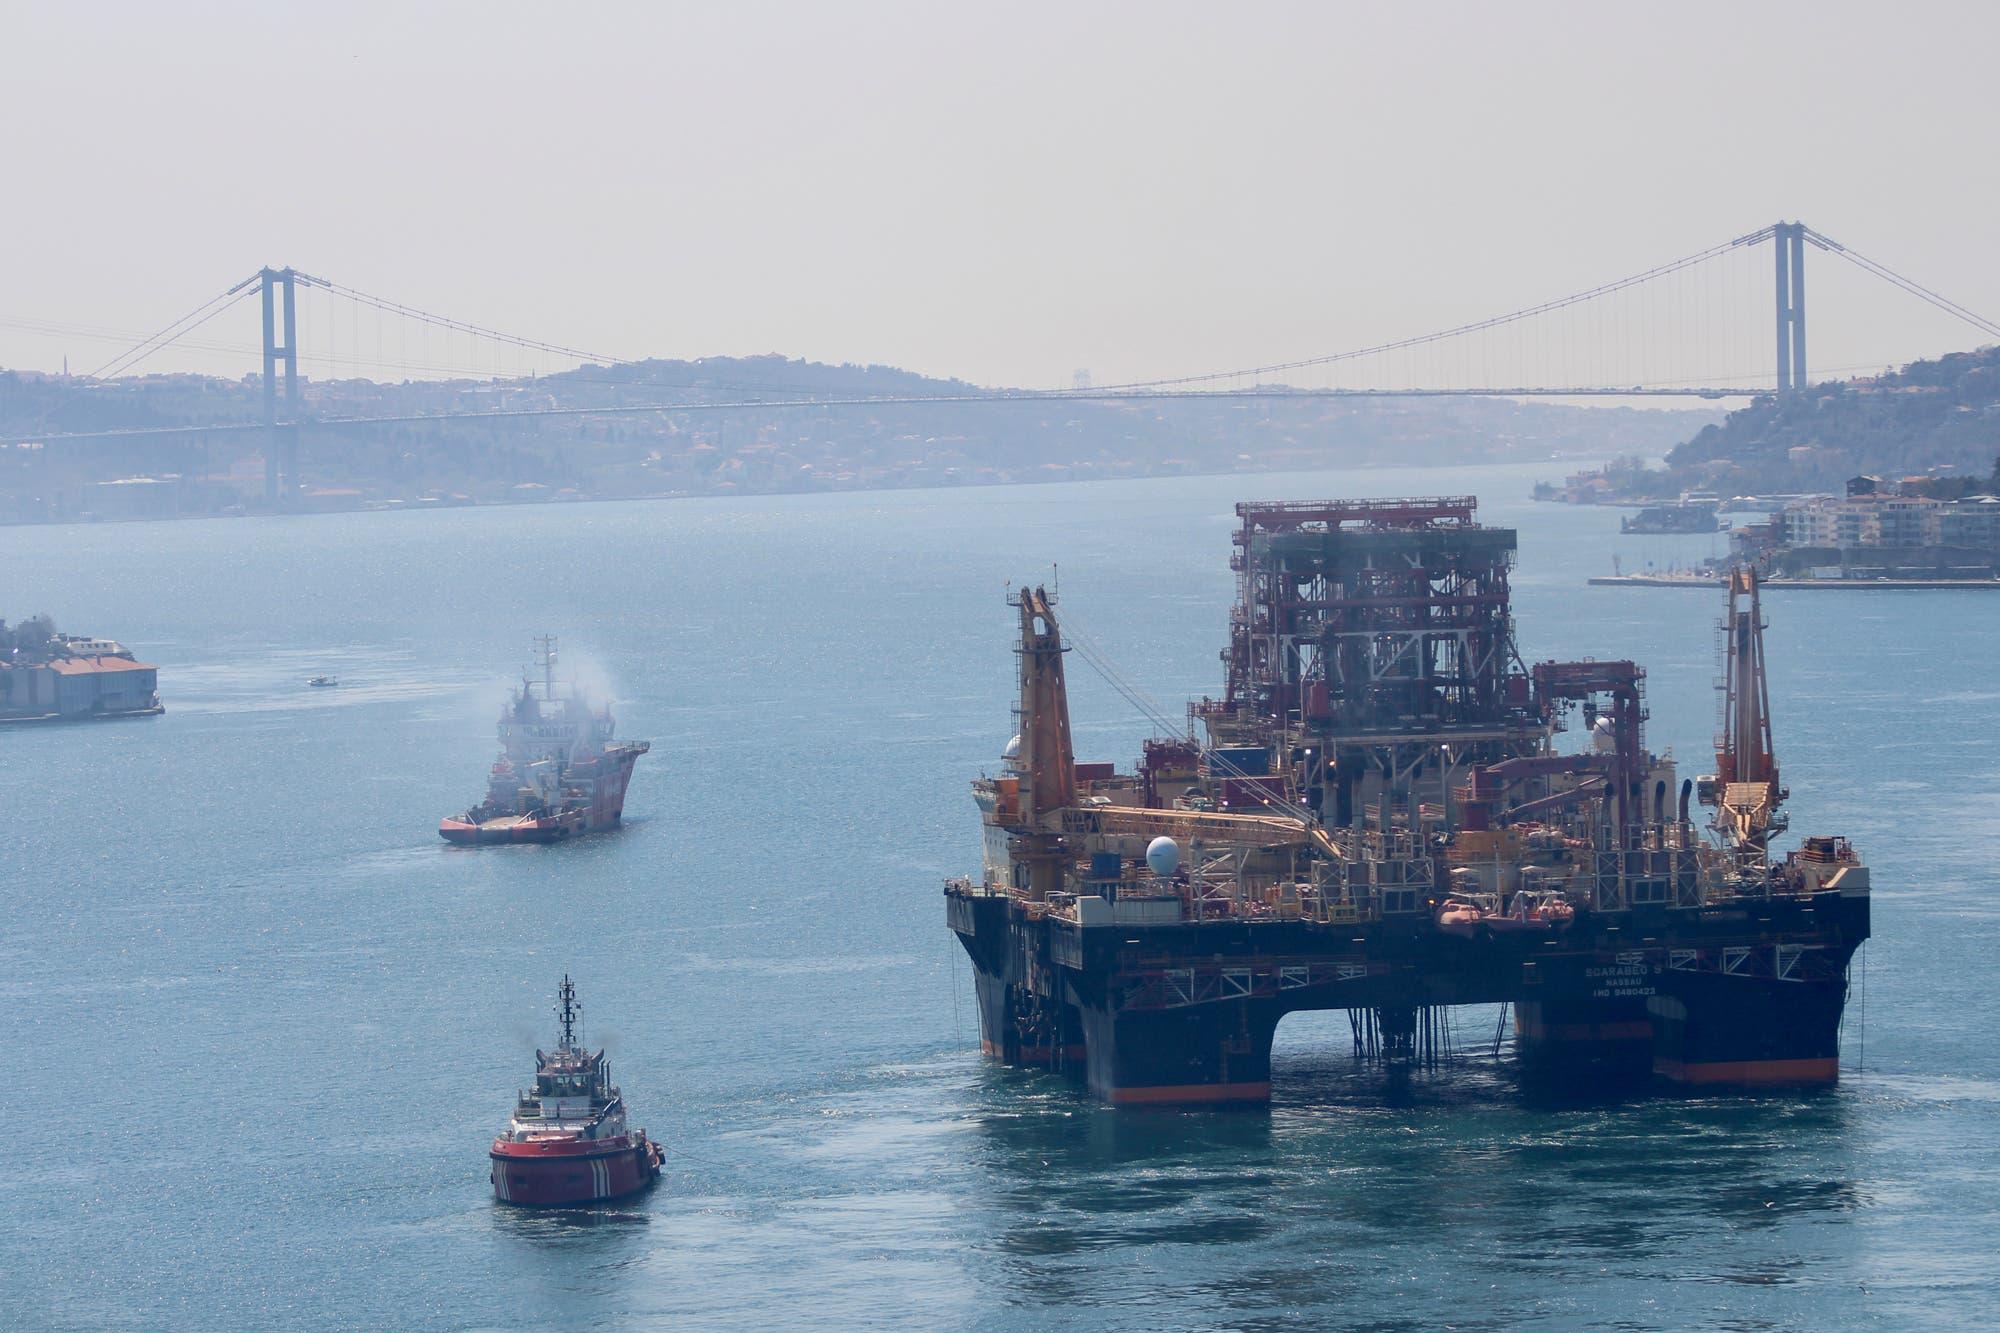 Los cortes de energía complican aún más producción de crudo en Venezuela